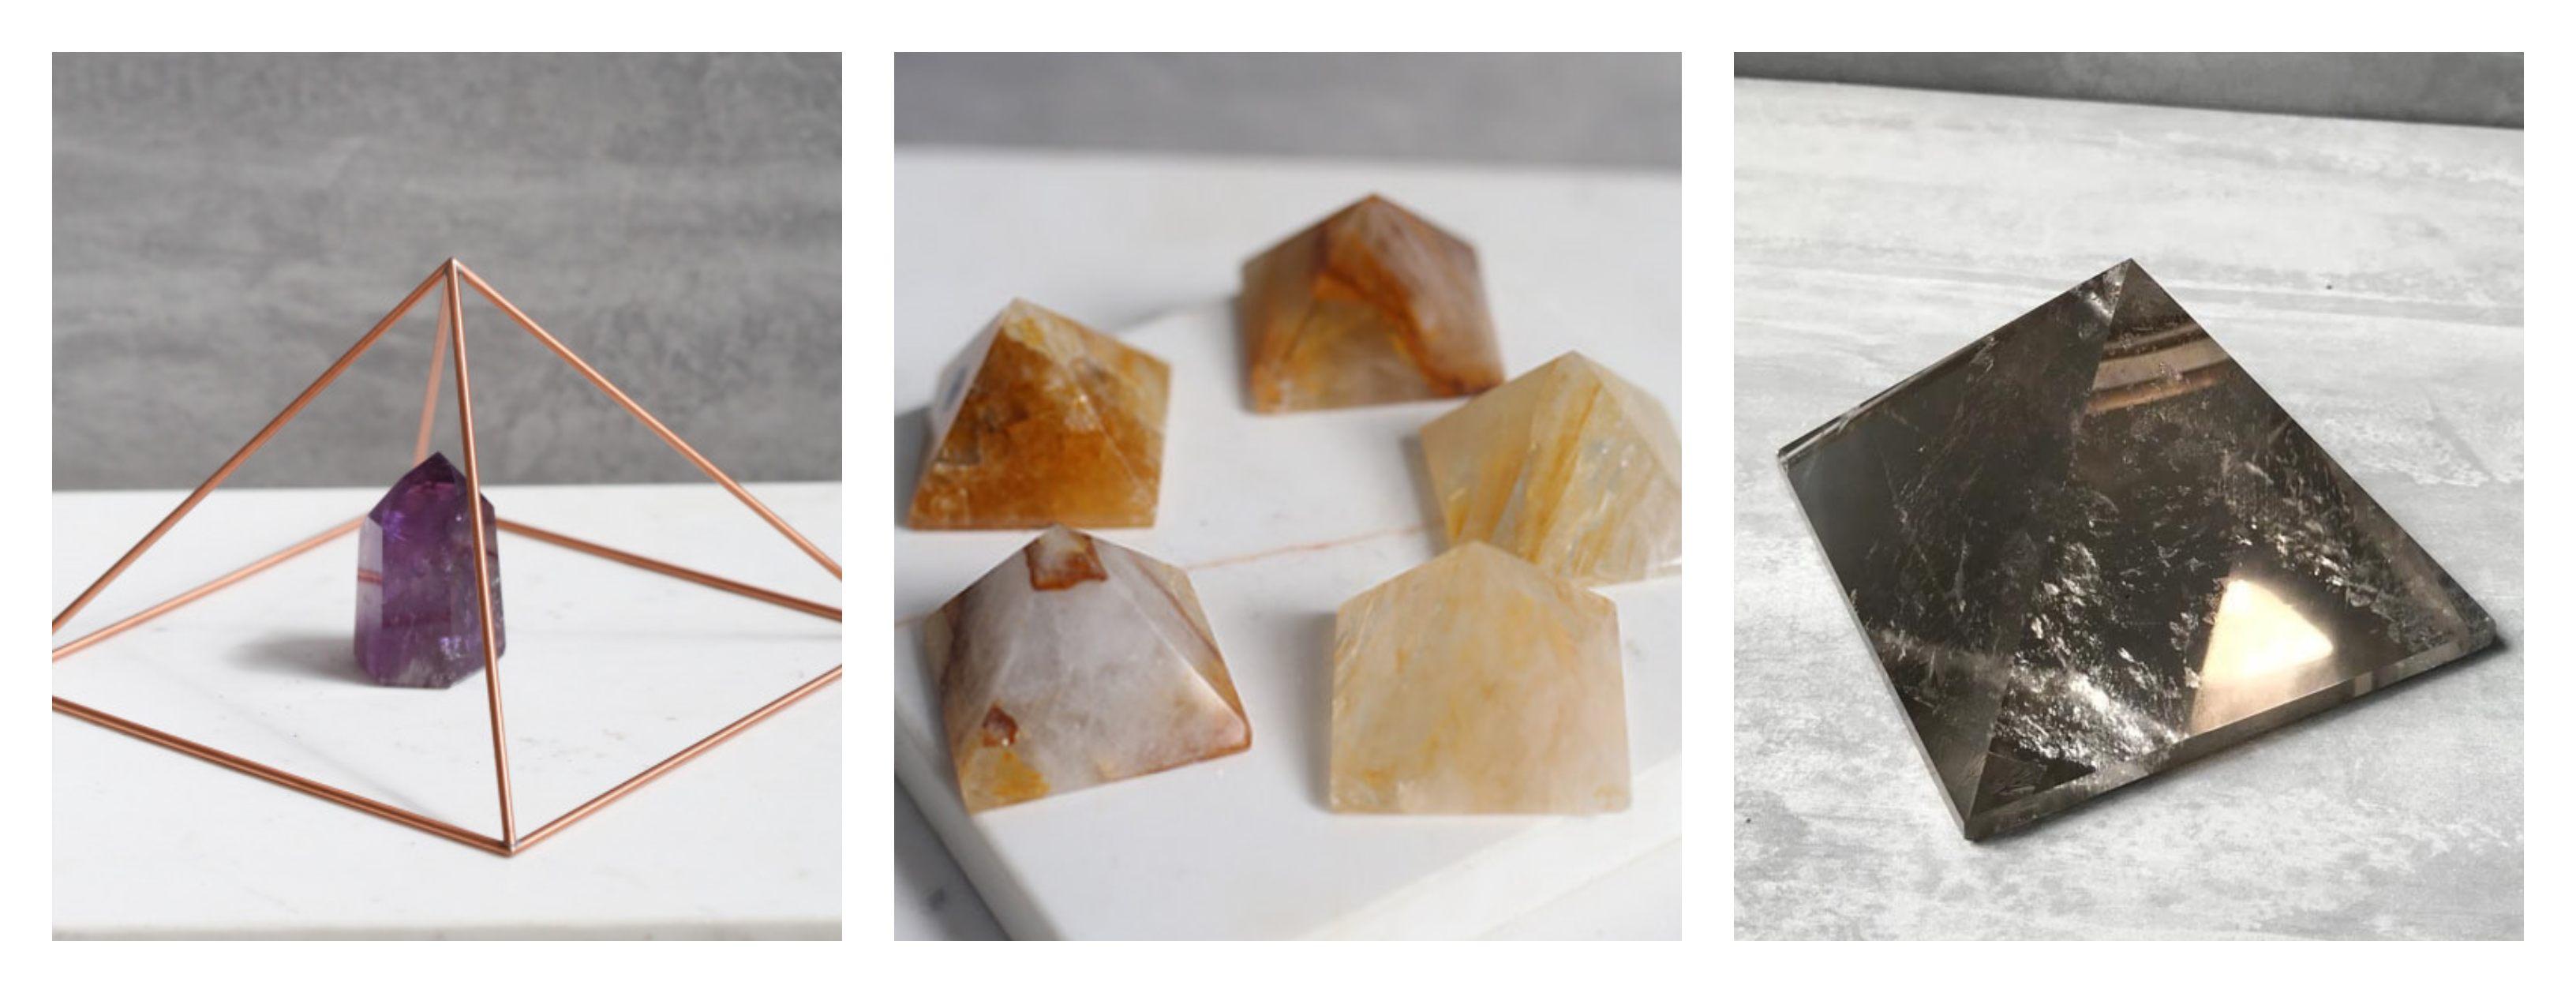 piramides como energizar sua pedra shop dos cristais